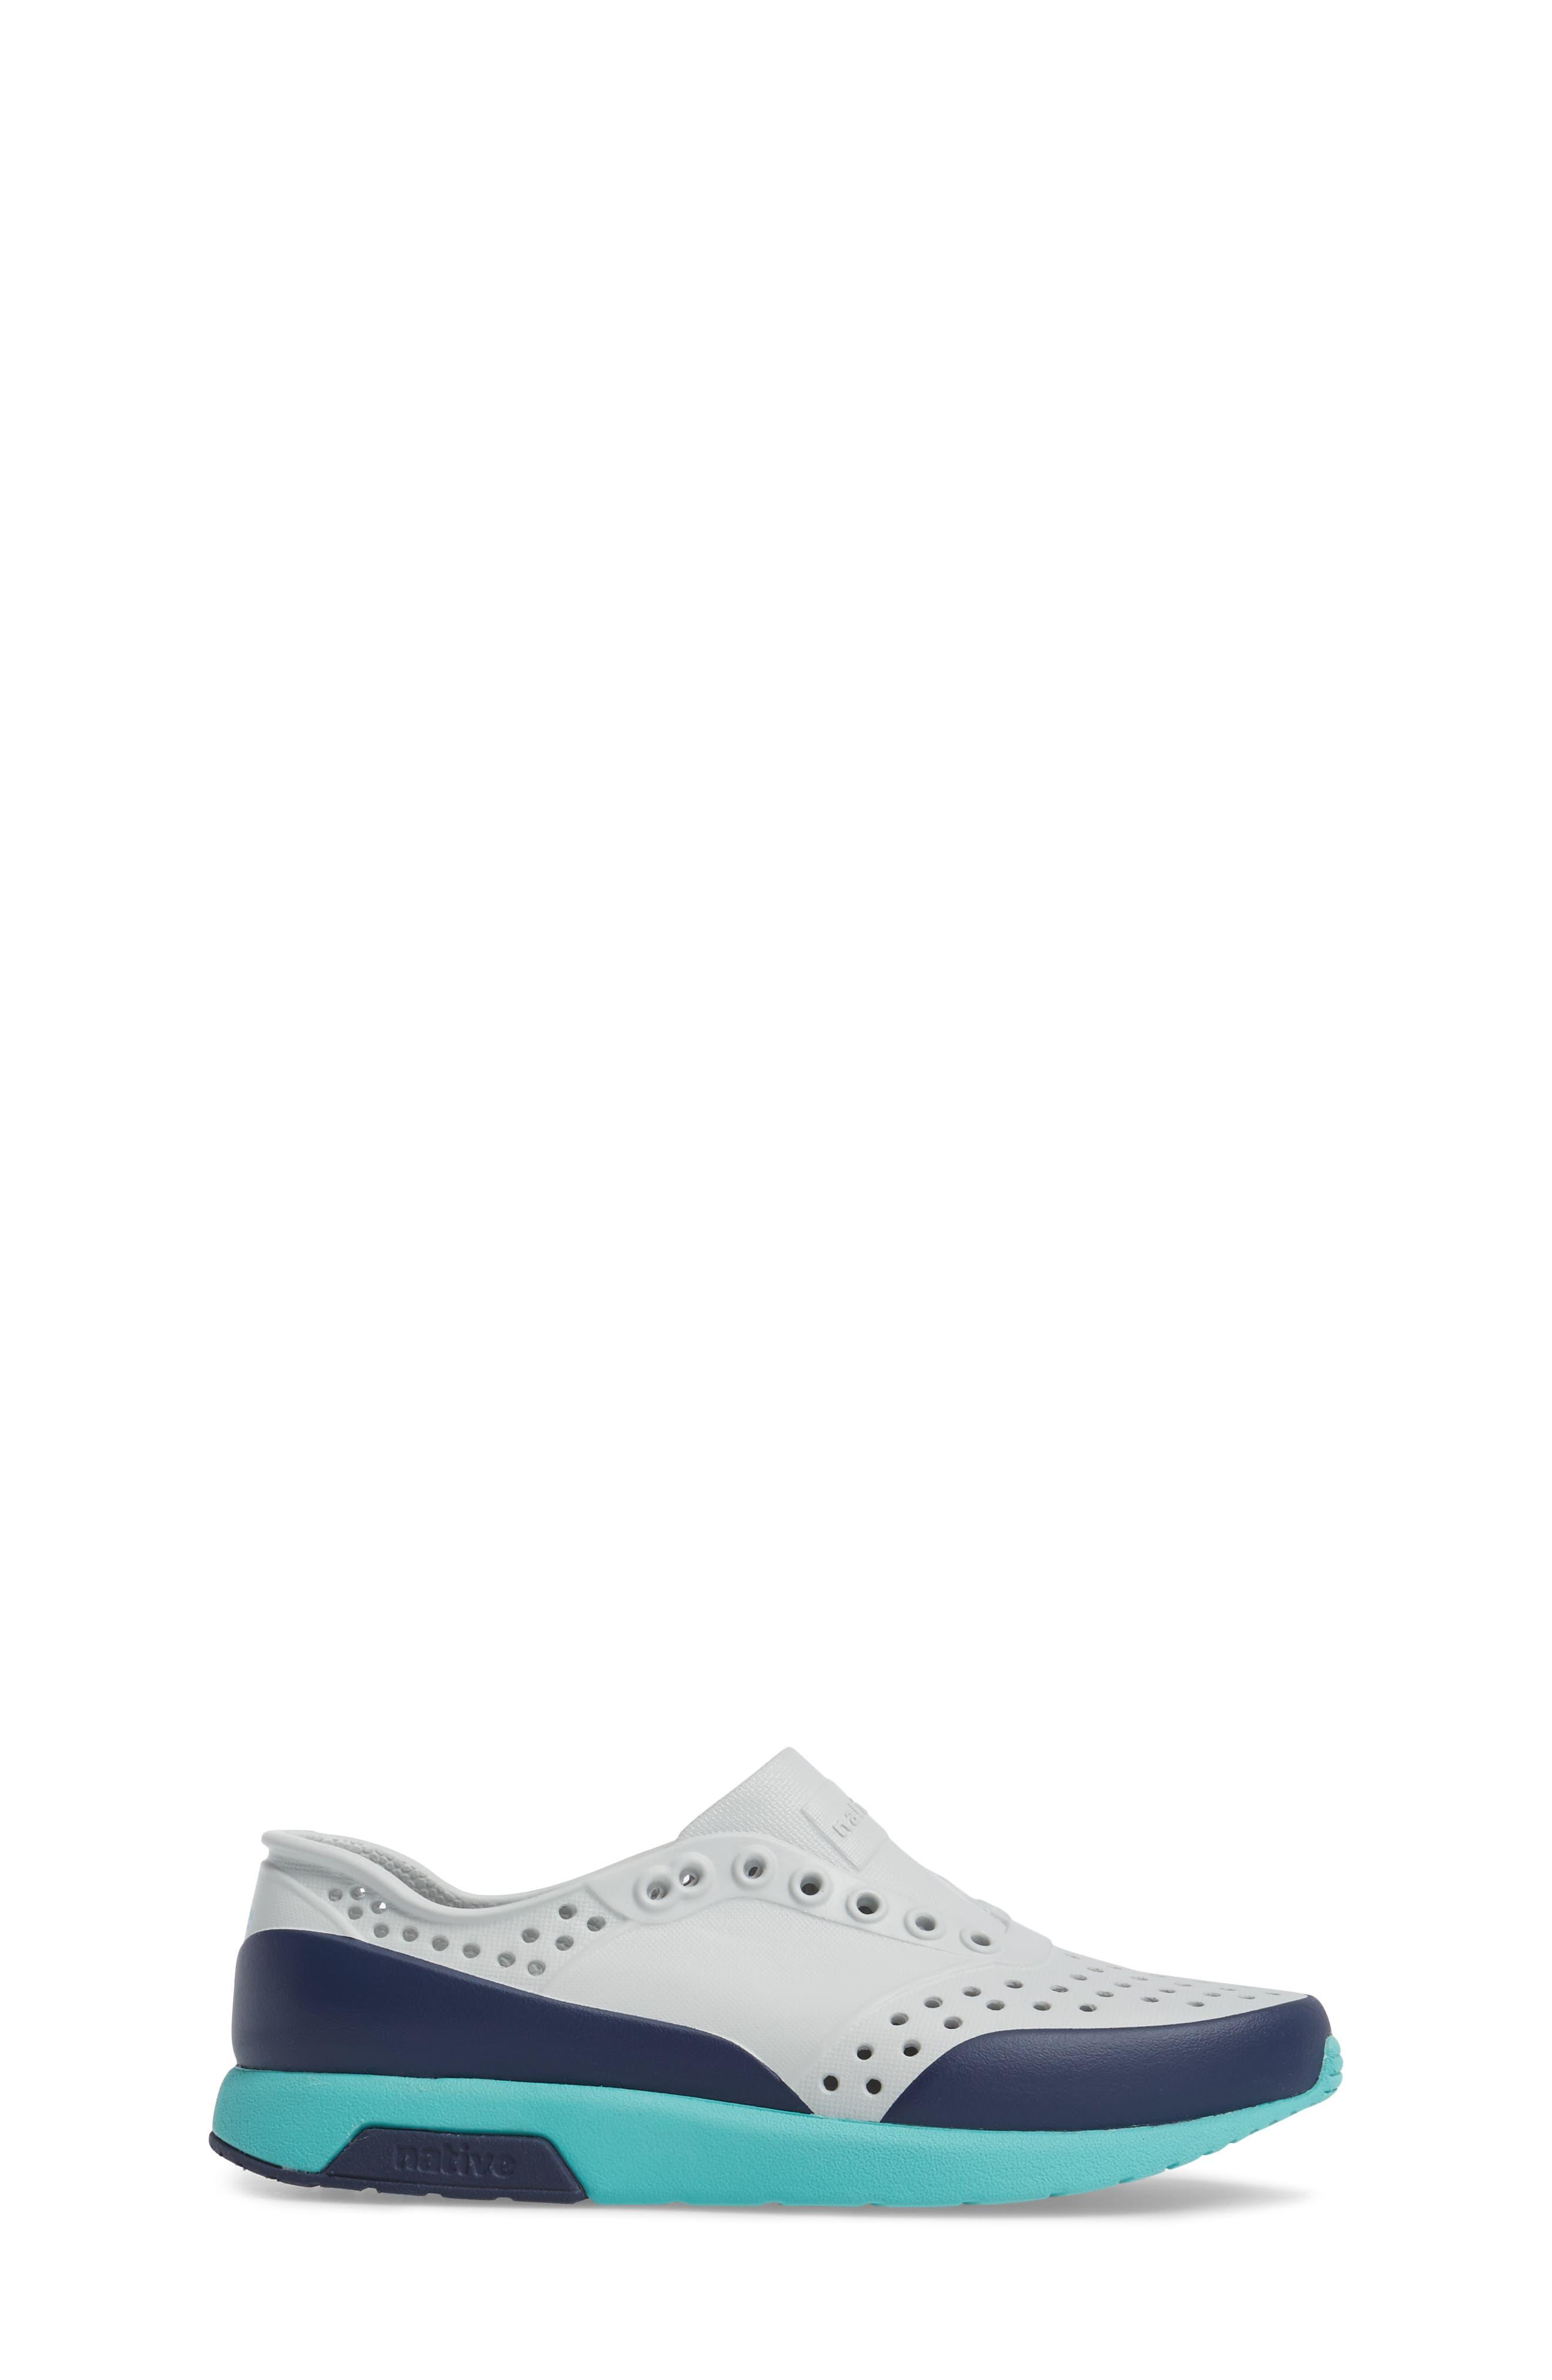 Alternate Image 3  - Native Shoes Lennox Block Slip-On Sneaker (Baby, Walker, Toddler & Little Kid)